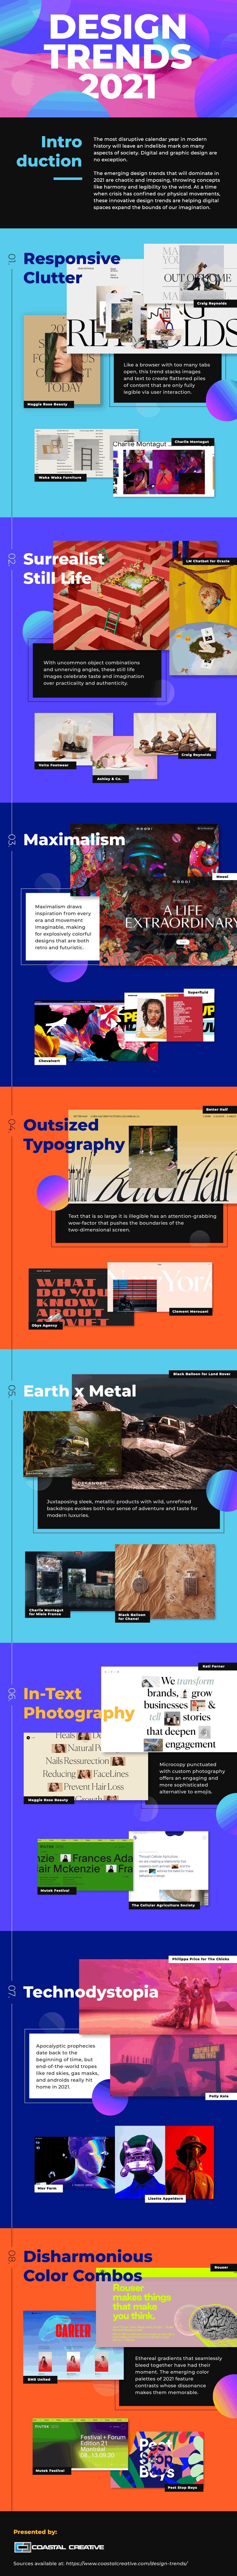 design-trends-2021